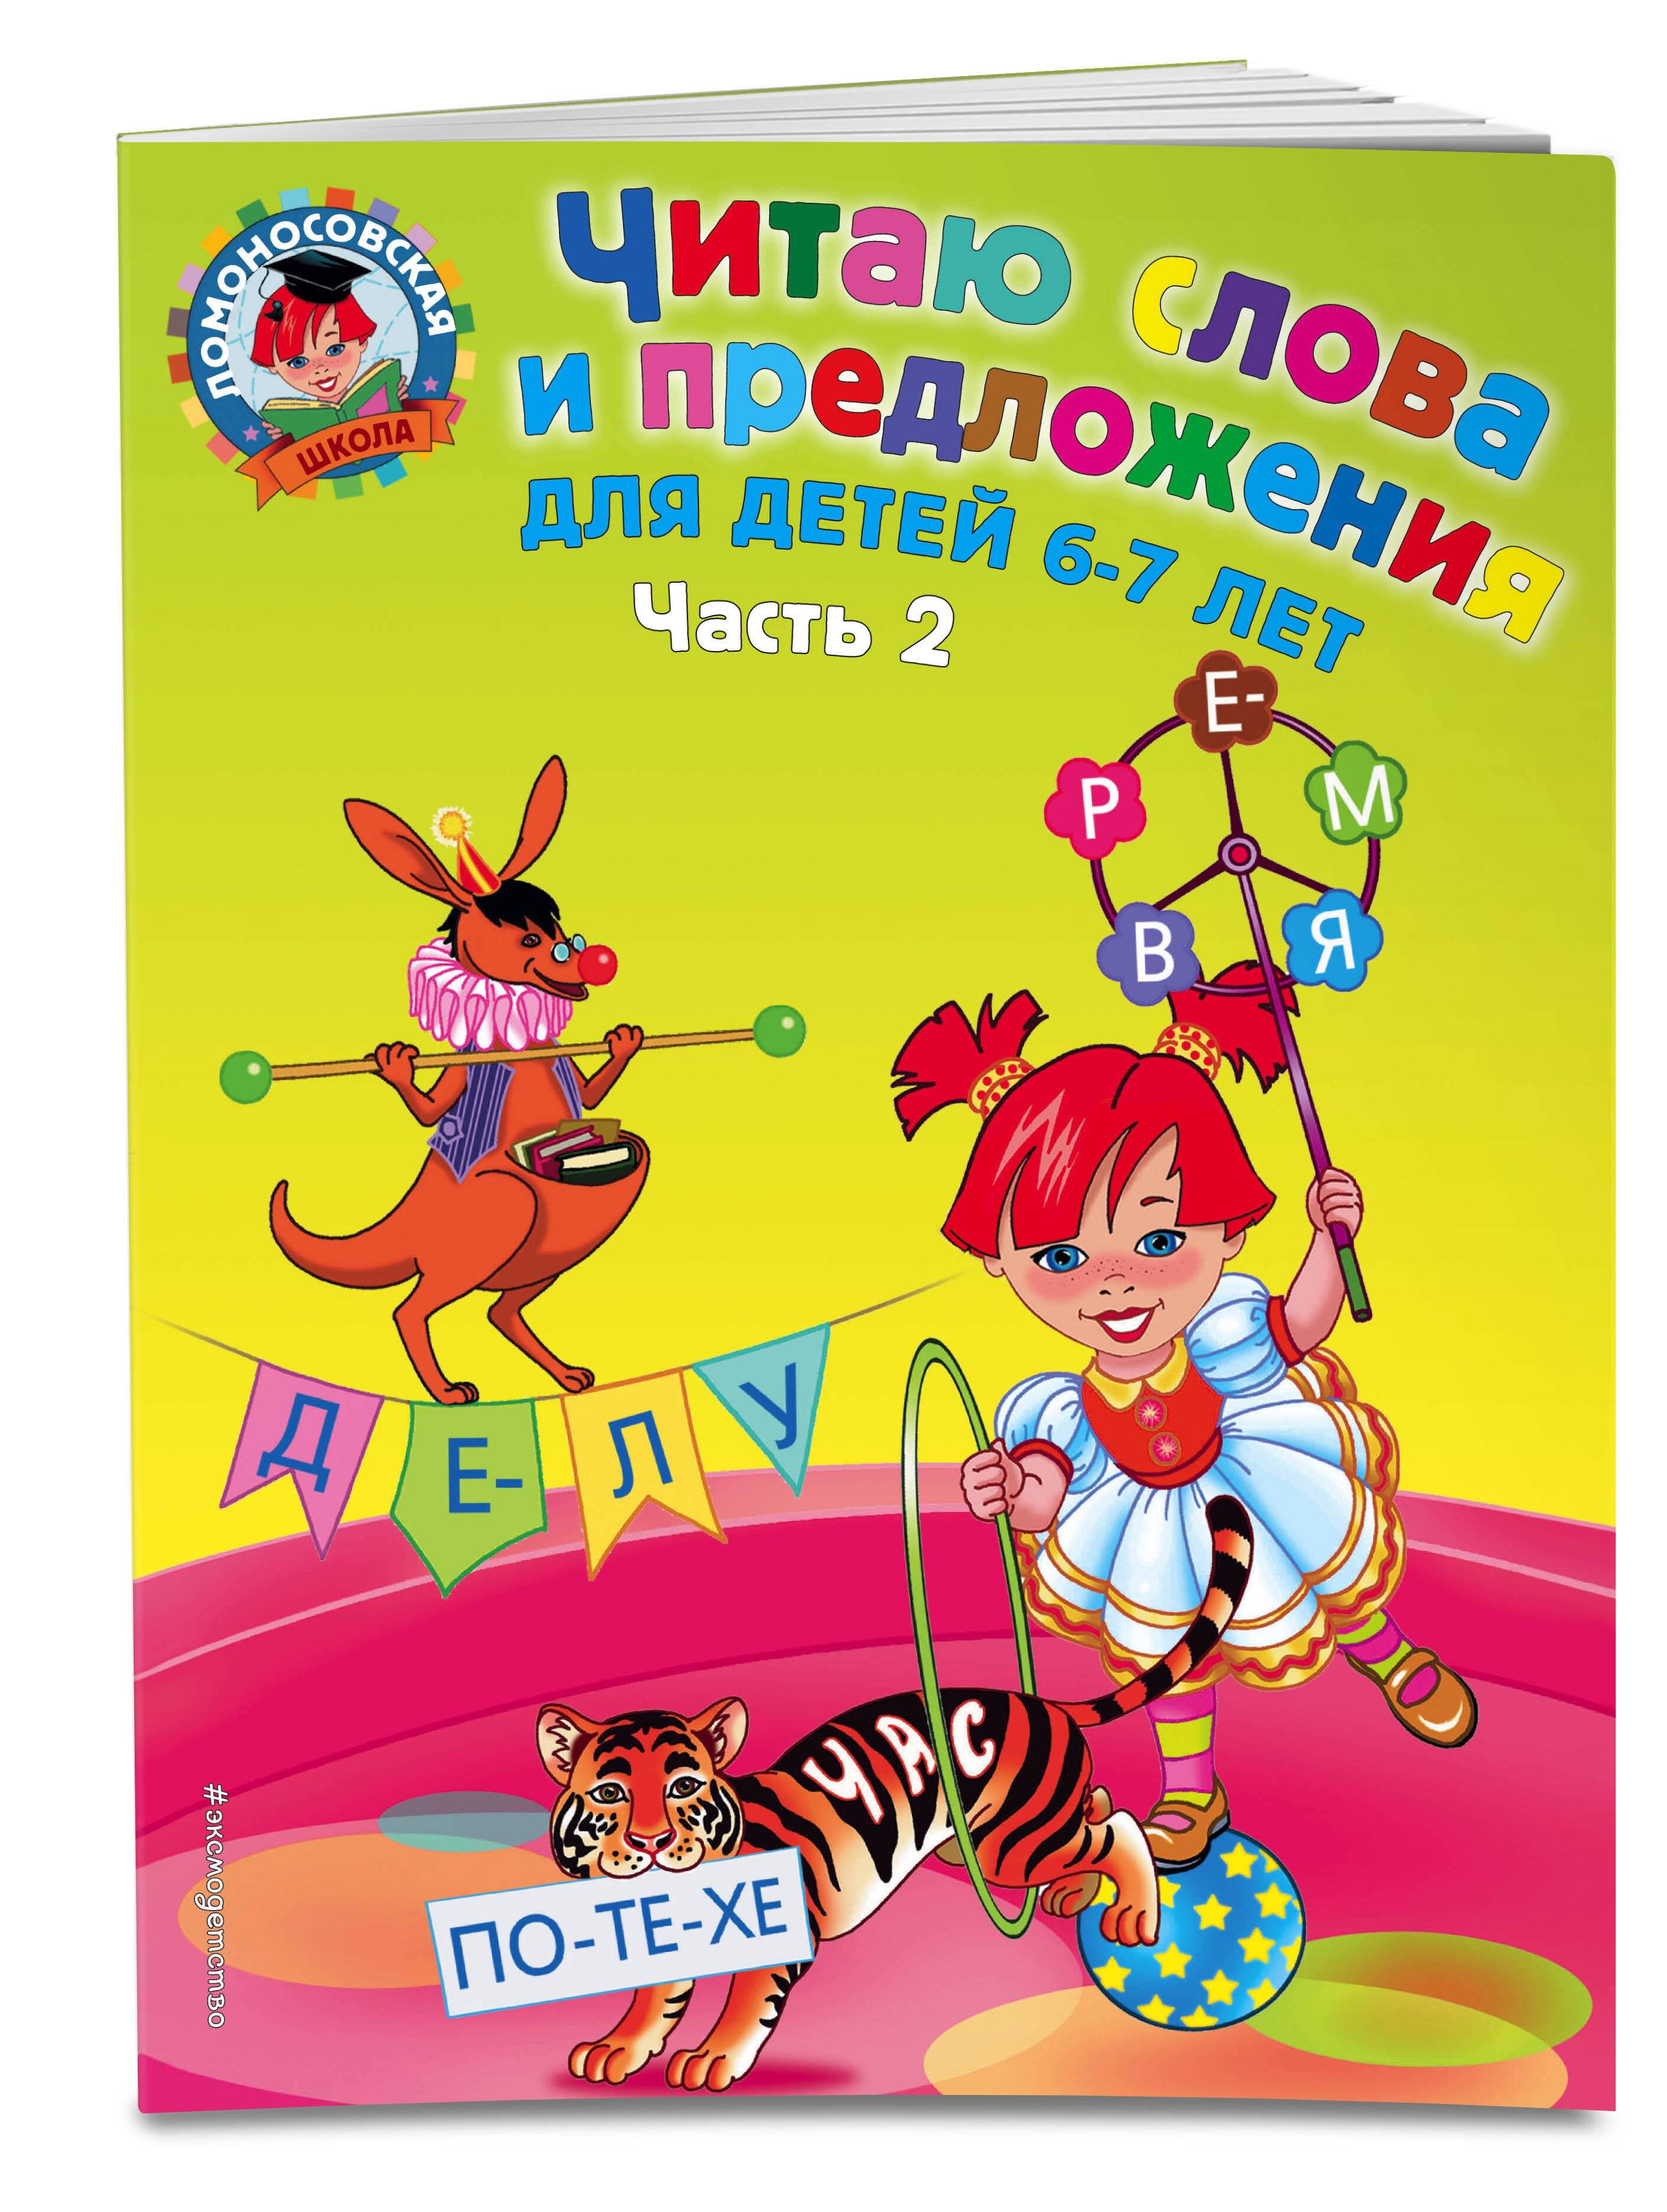 Пятак С.В. Читаю слова и предложения: для детей 6-7 лет. Ч. 2